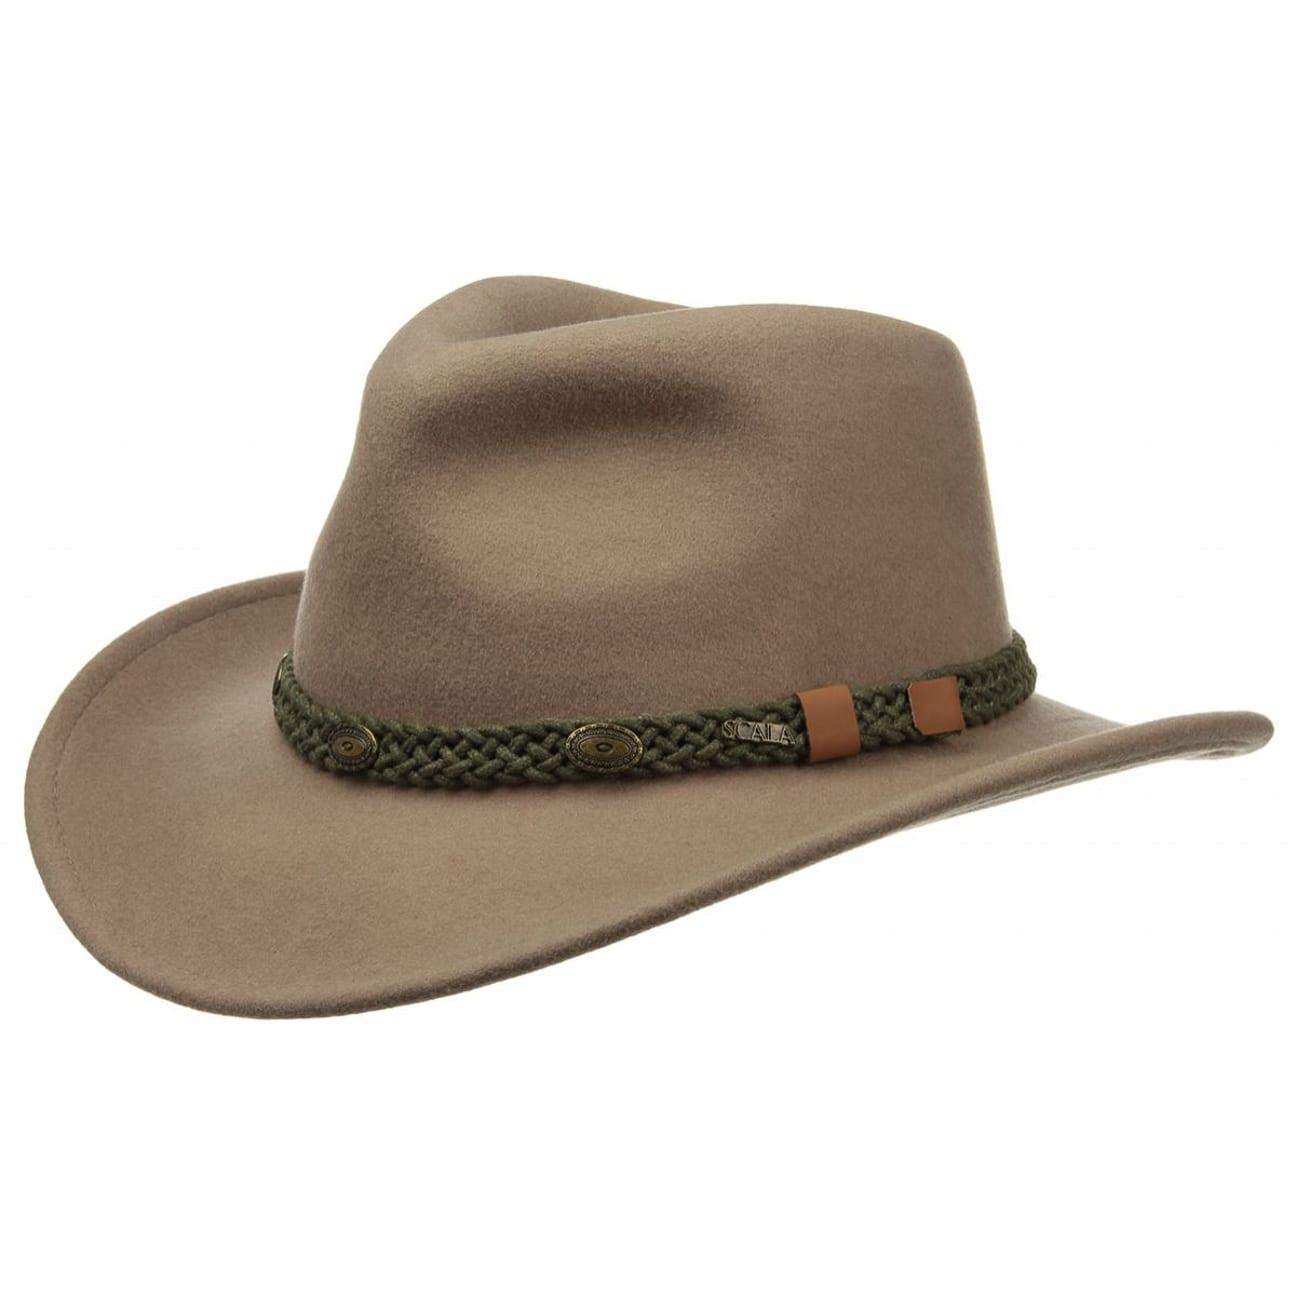 b93d3299227d6 Sombrero Western de Fieltro Putty Outback - Sombreros - sombreroshop.es